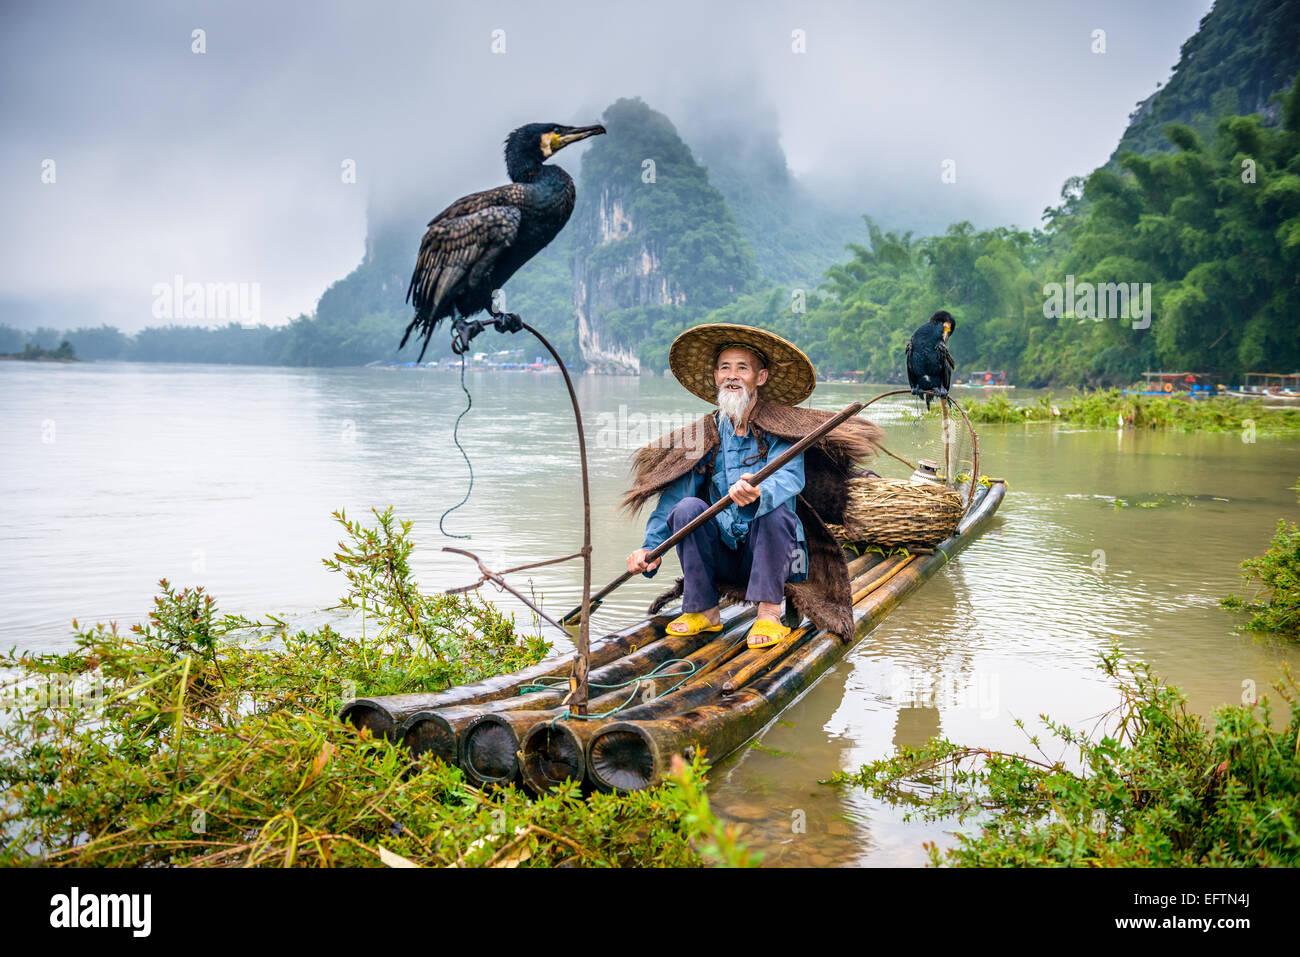 Cormorano pescatore e il suo uccello sul fiume Li in Yangshuo, Guangxi, Cina. Immagini Stock